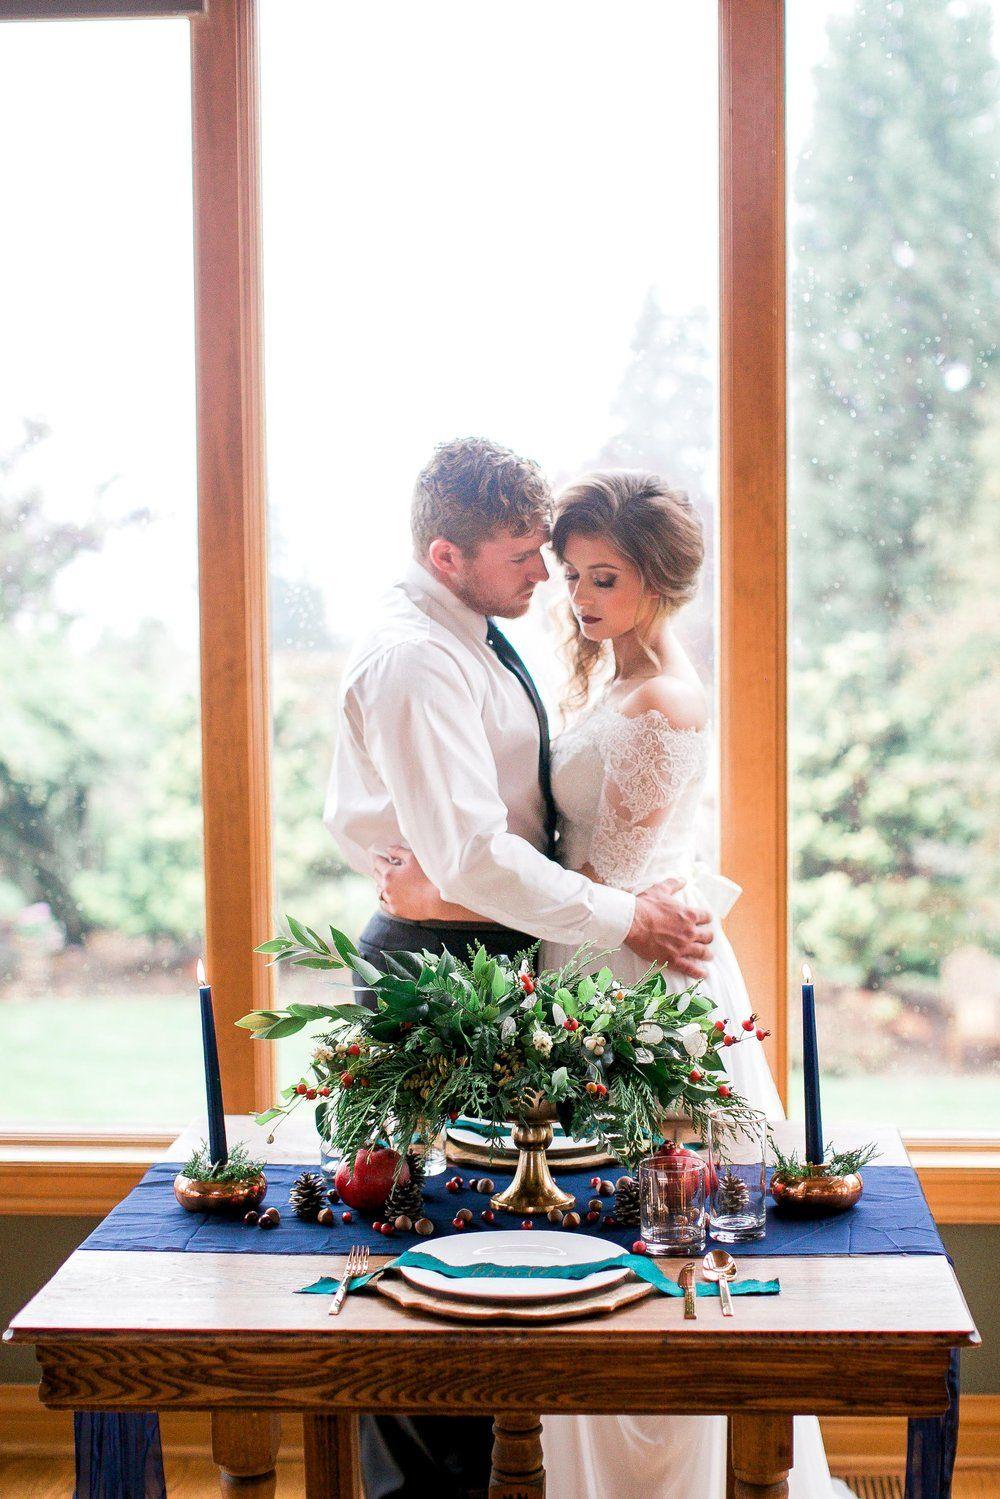 Christmas Wedding Editorial (Portland, Oregon) | Farm ...